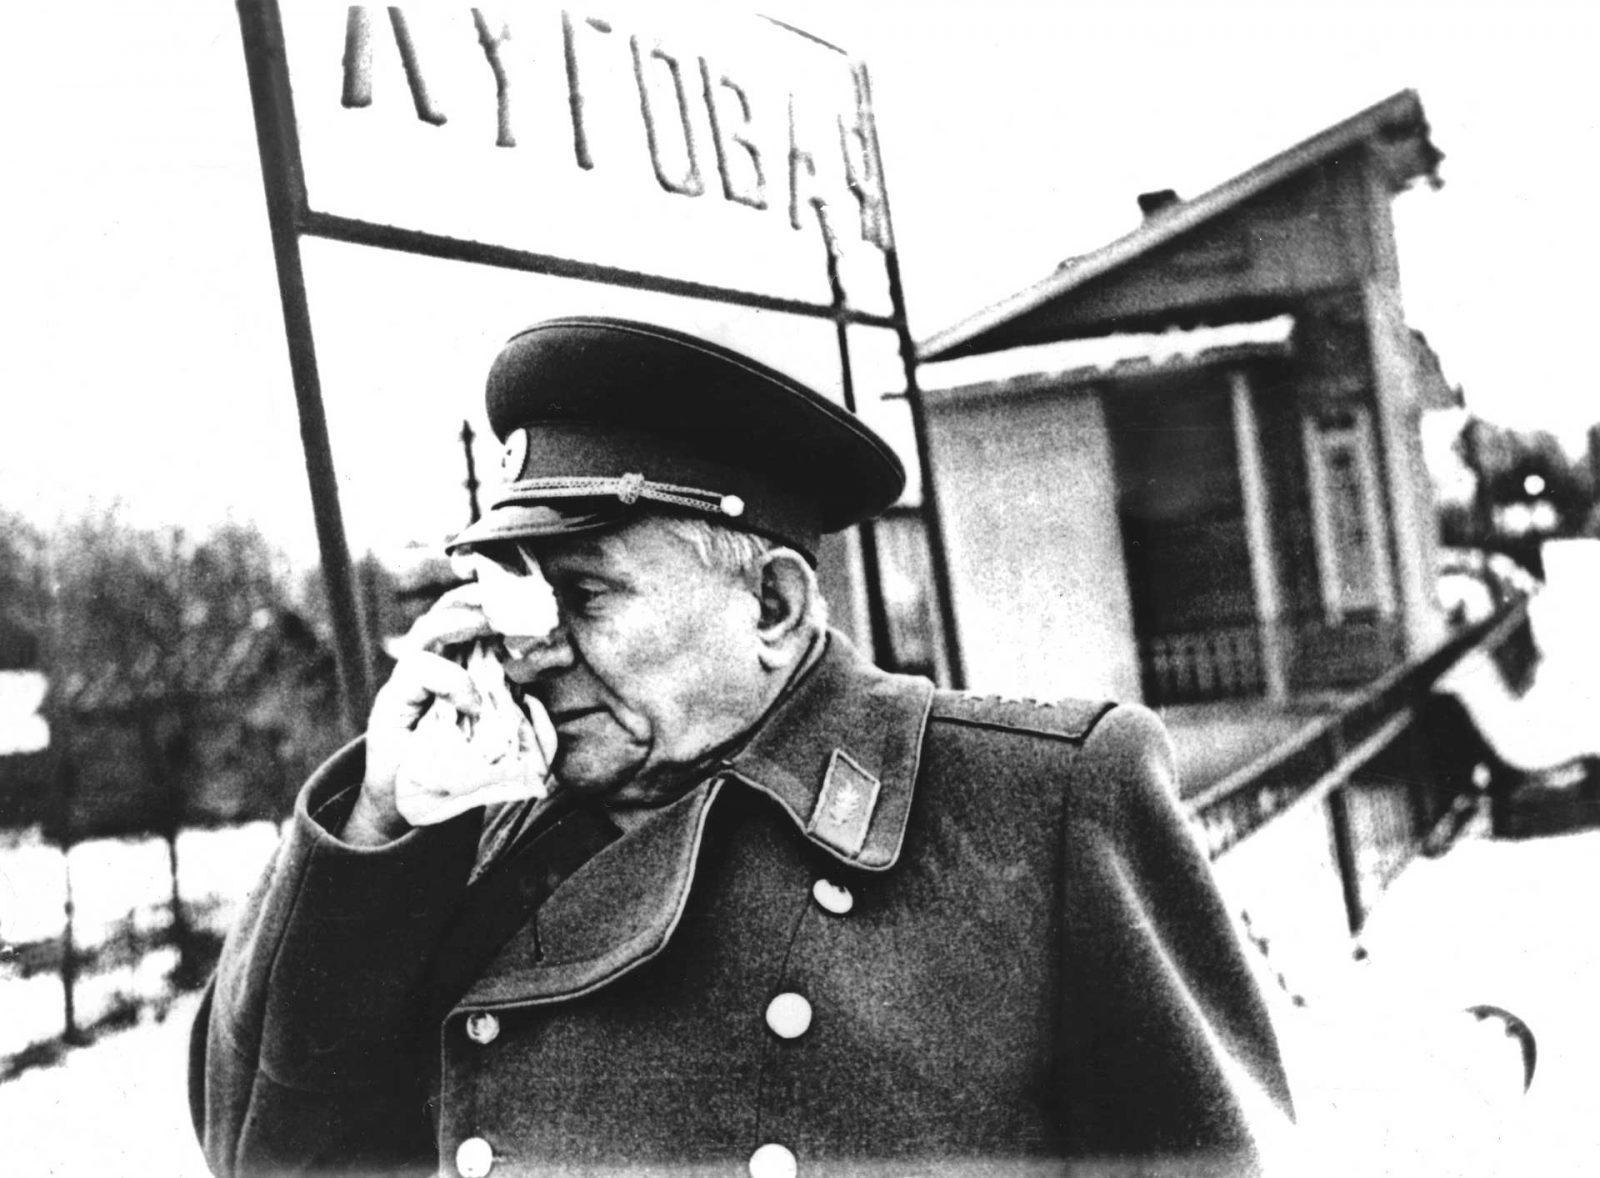 Чистяков Иван Михайлович - генерал-полковник, Герой Советского Союза на платформе Луговая в 1973 году. В декабре 1941 года Чистяков в звании полковника командовал 64 особой (морской) стрелковой бригадой. Бригада защищала совместно с 35 осбр и освободила в декабре 41-го ст. Луговую и Институт кормов от фашистских захватчиков...